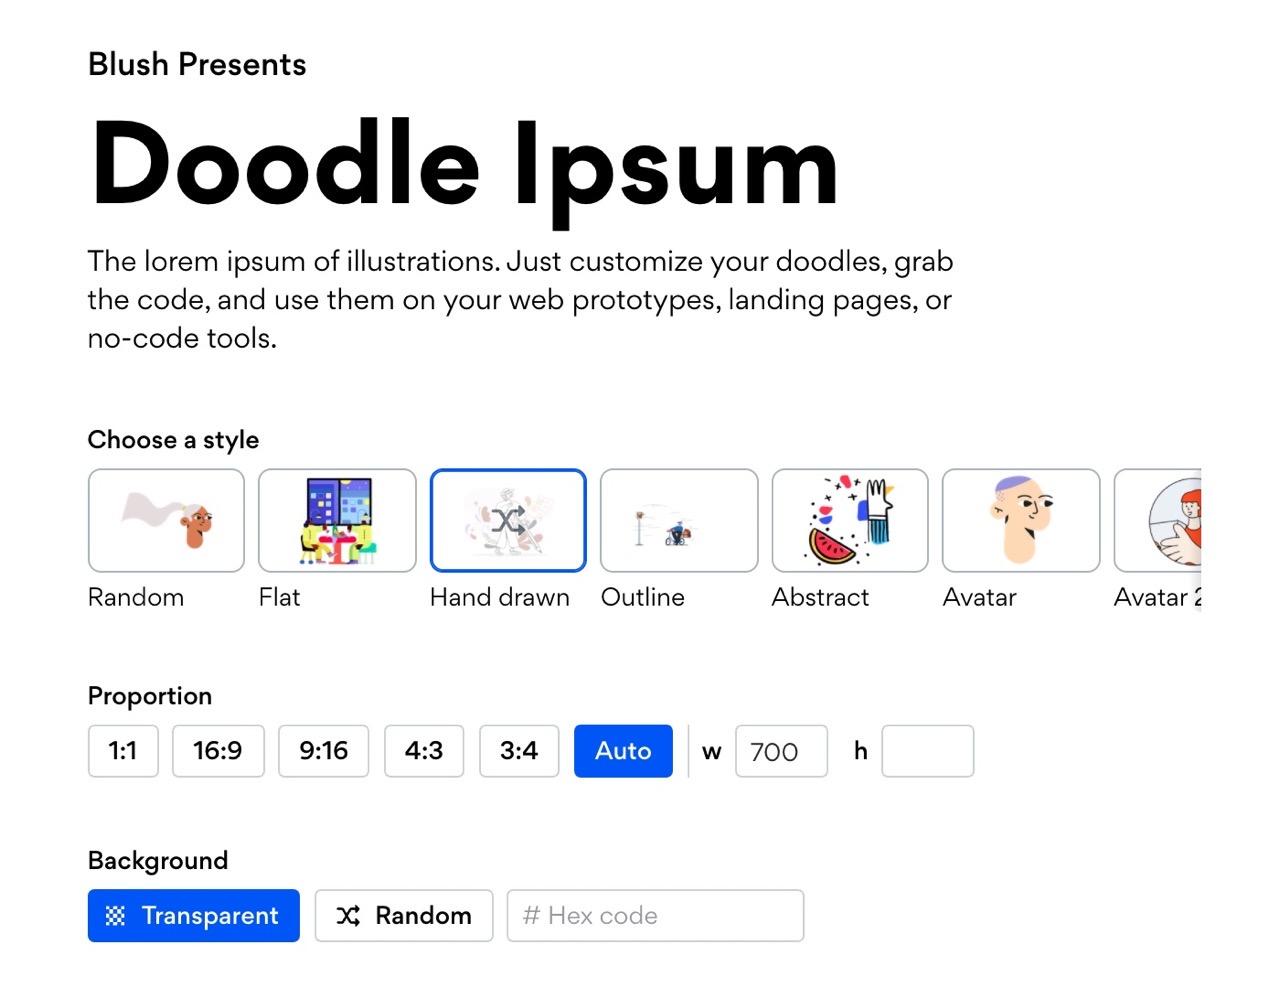 想找好看的占位图?Doodle Ipsum 有超多!